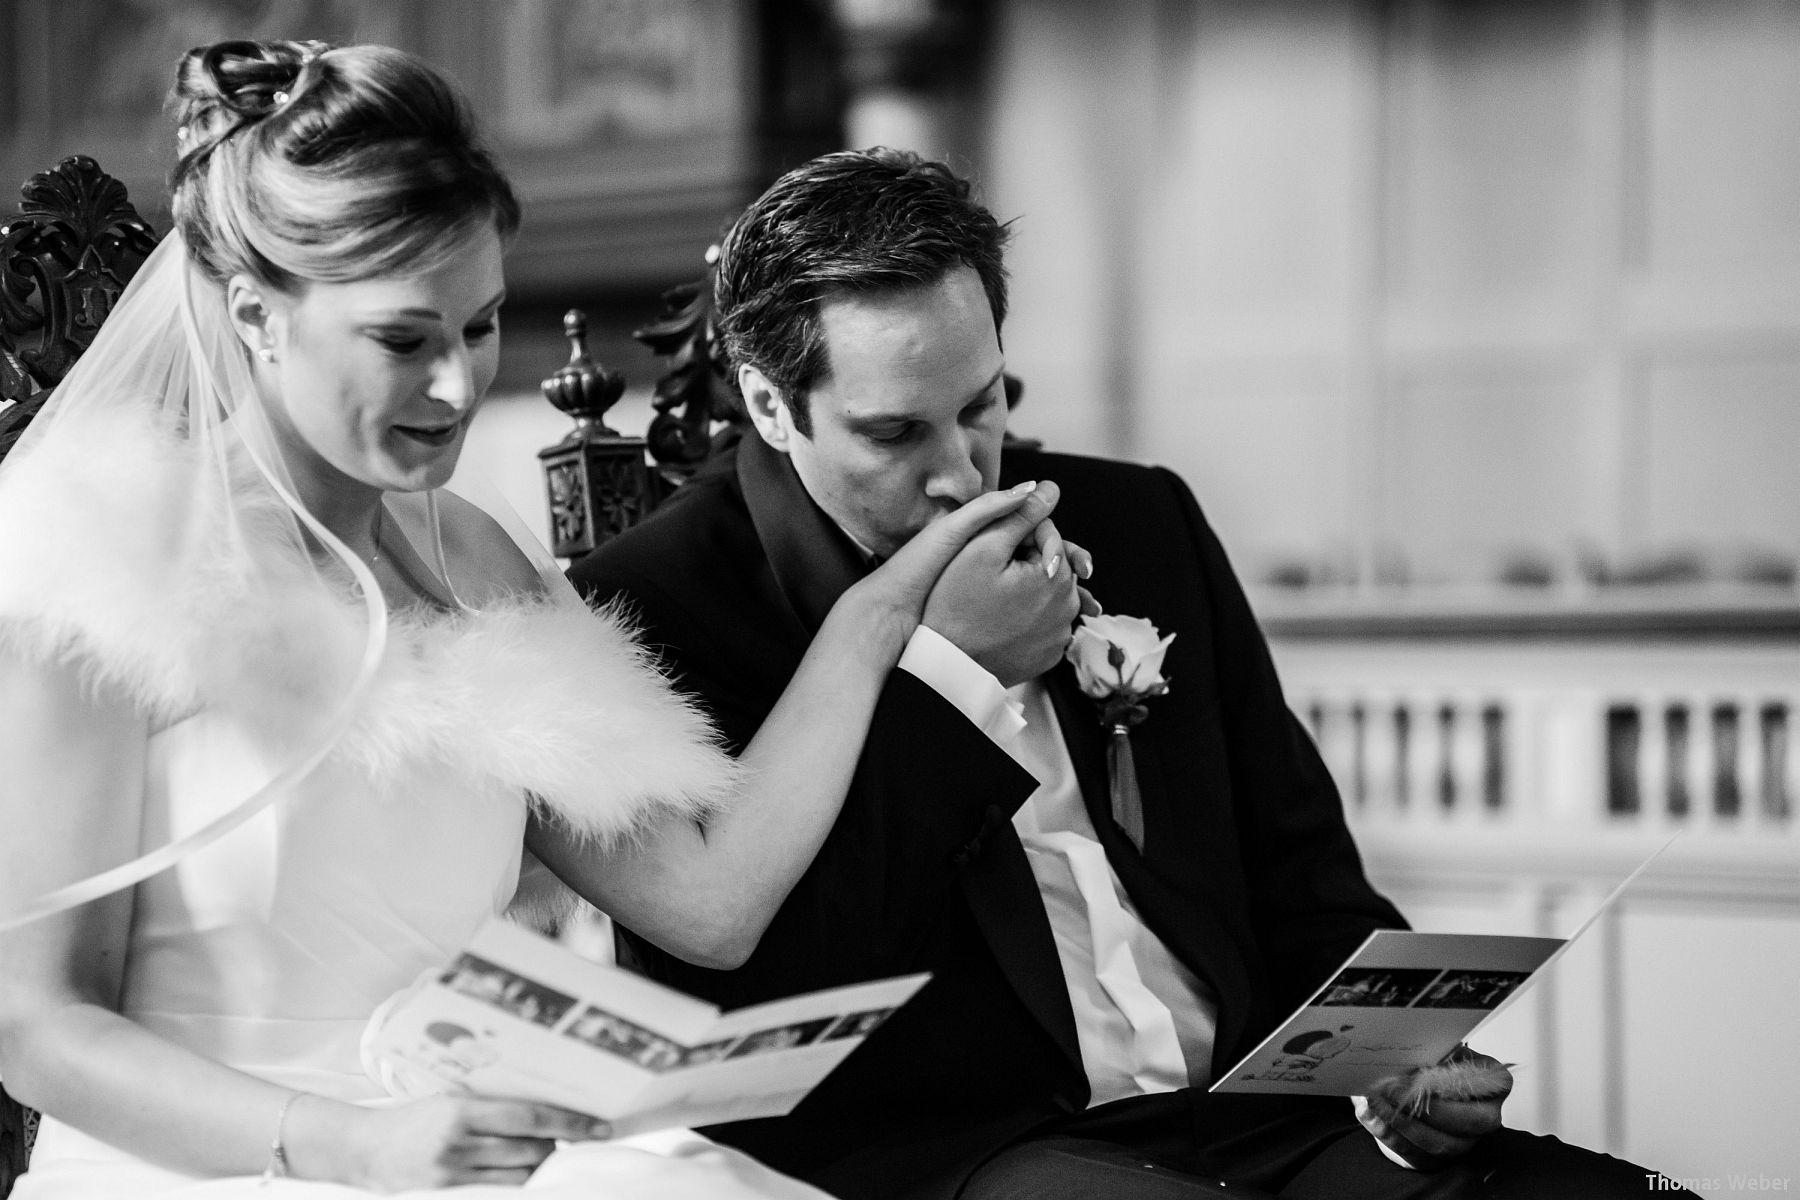 Hochzeitsfotograf Rastede: Kirchliche Trauung in der St. Ulrichs Kirche Rastede und Hochzeitsfeier in der Eventscheune St Georg Rastede mit dem Catering von Michael Niebuhr aus Oldenburg (19)